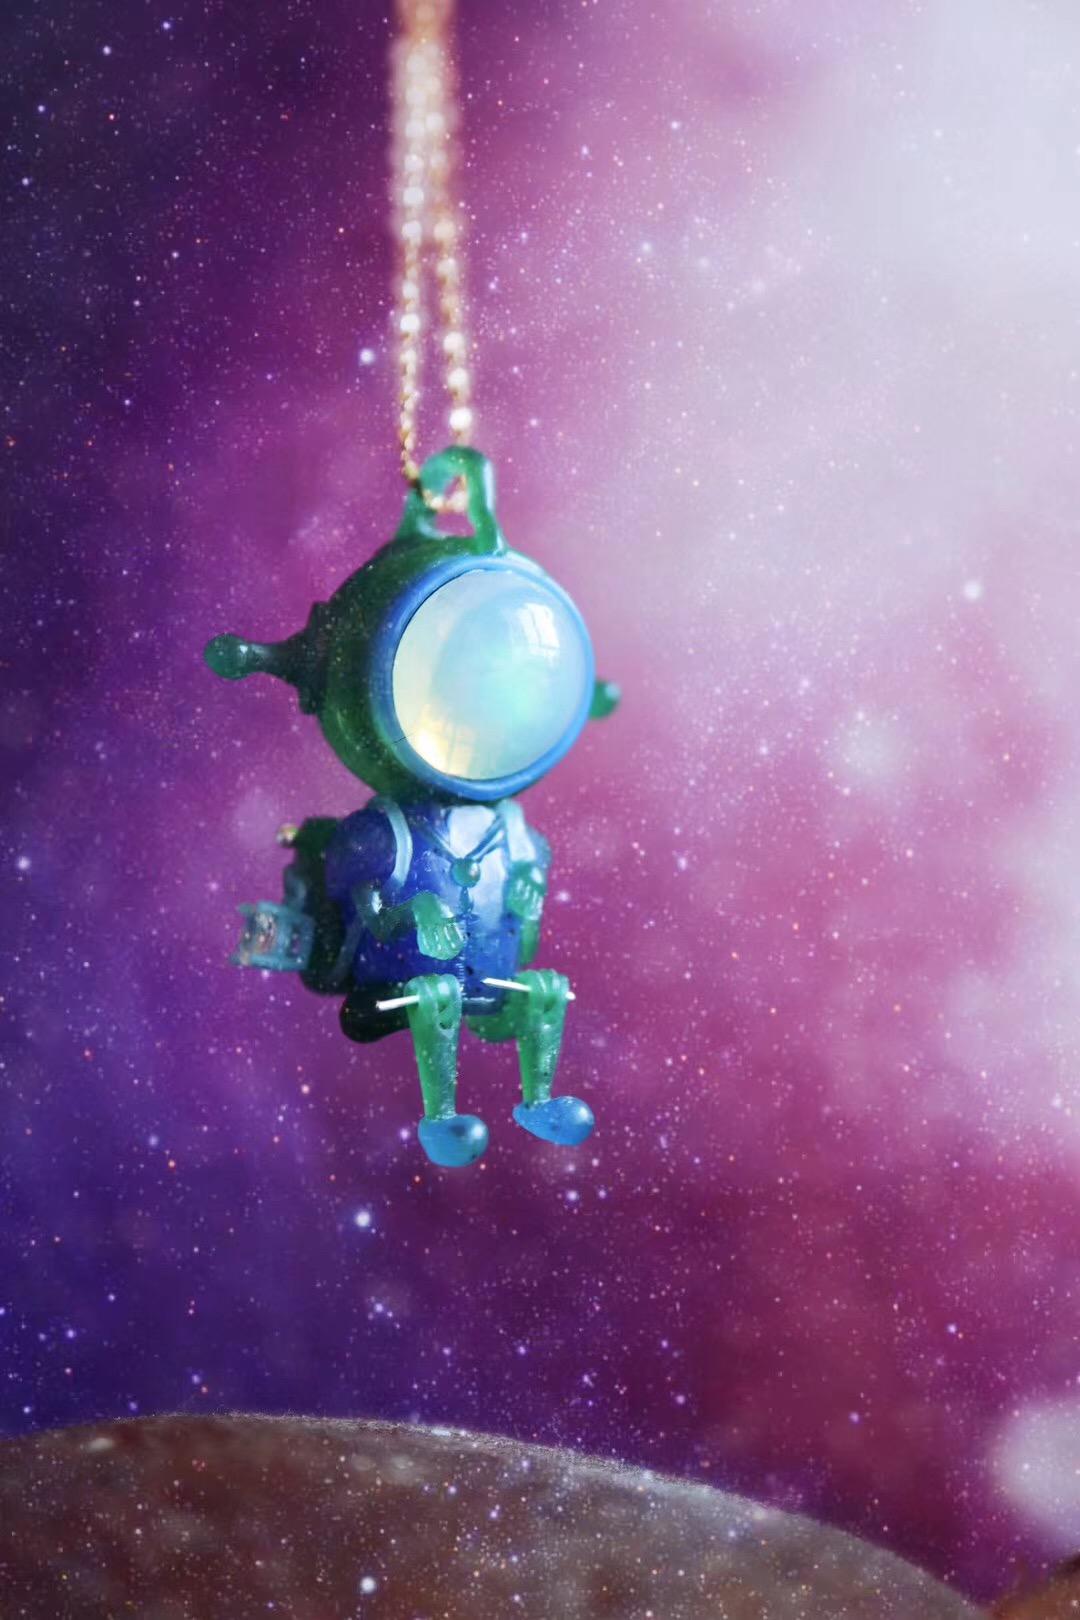 【欧泊石】你一定会拥有属于自己的宇宙星辰-菩心晶舍